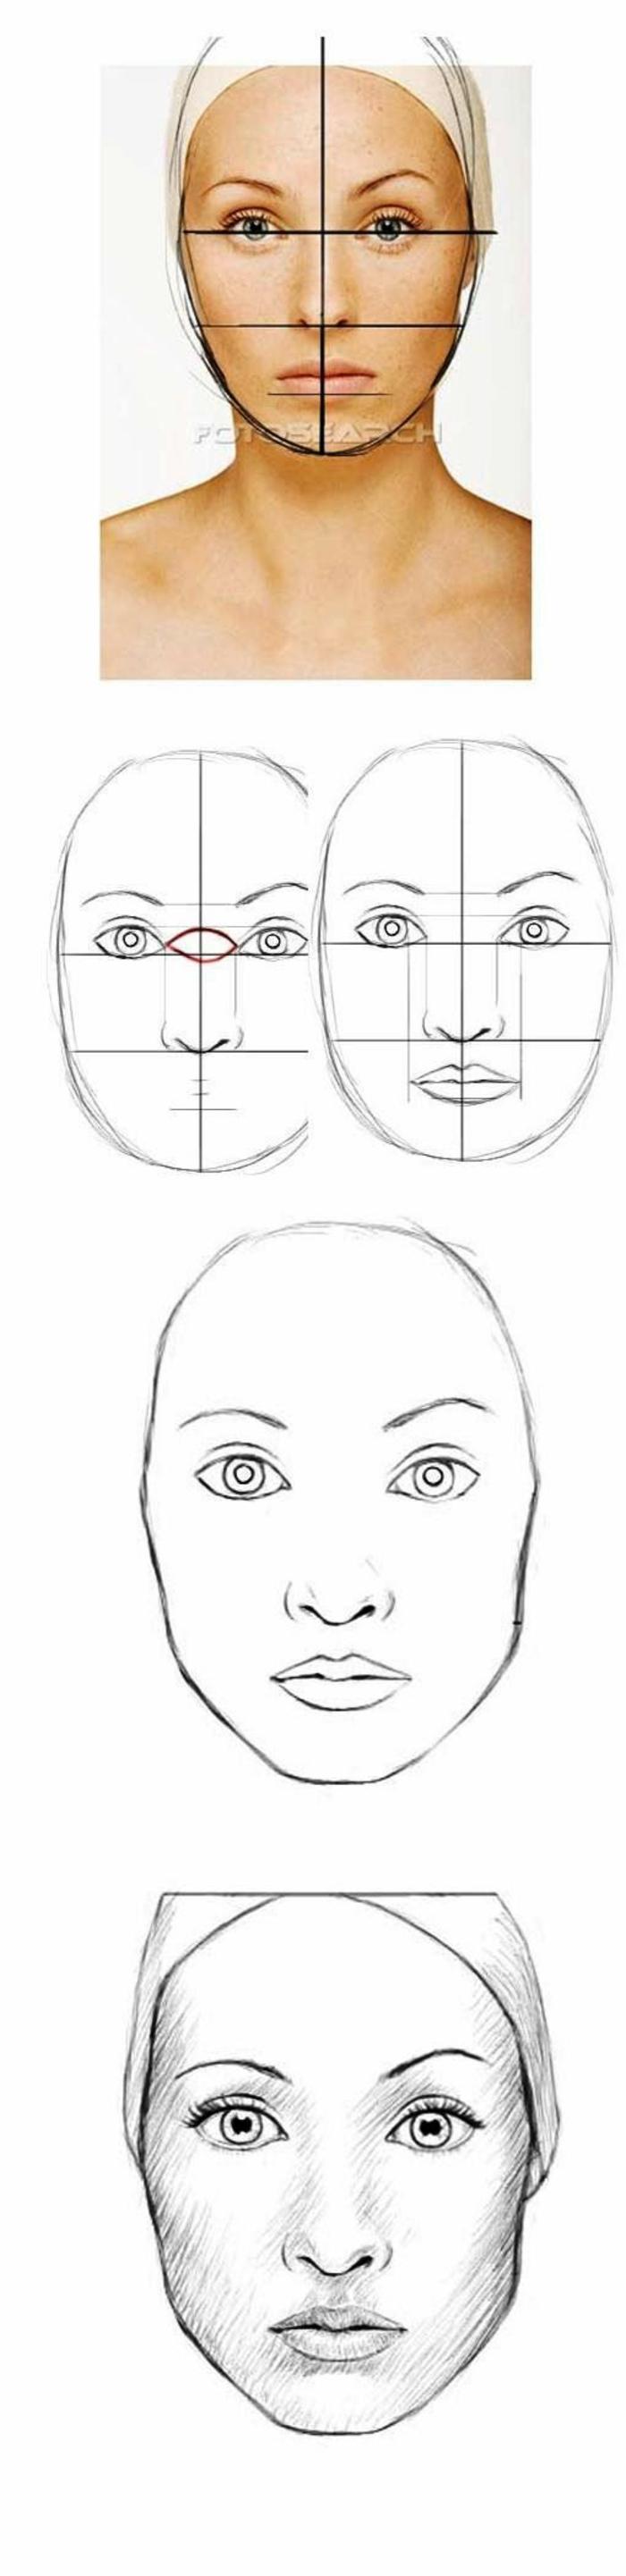 ideas sobre cómo dibujar una cara de mujer paso a paso, como dibujar una persona para principiantes